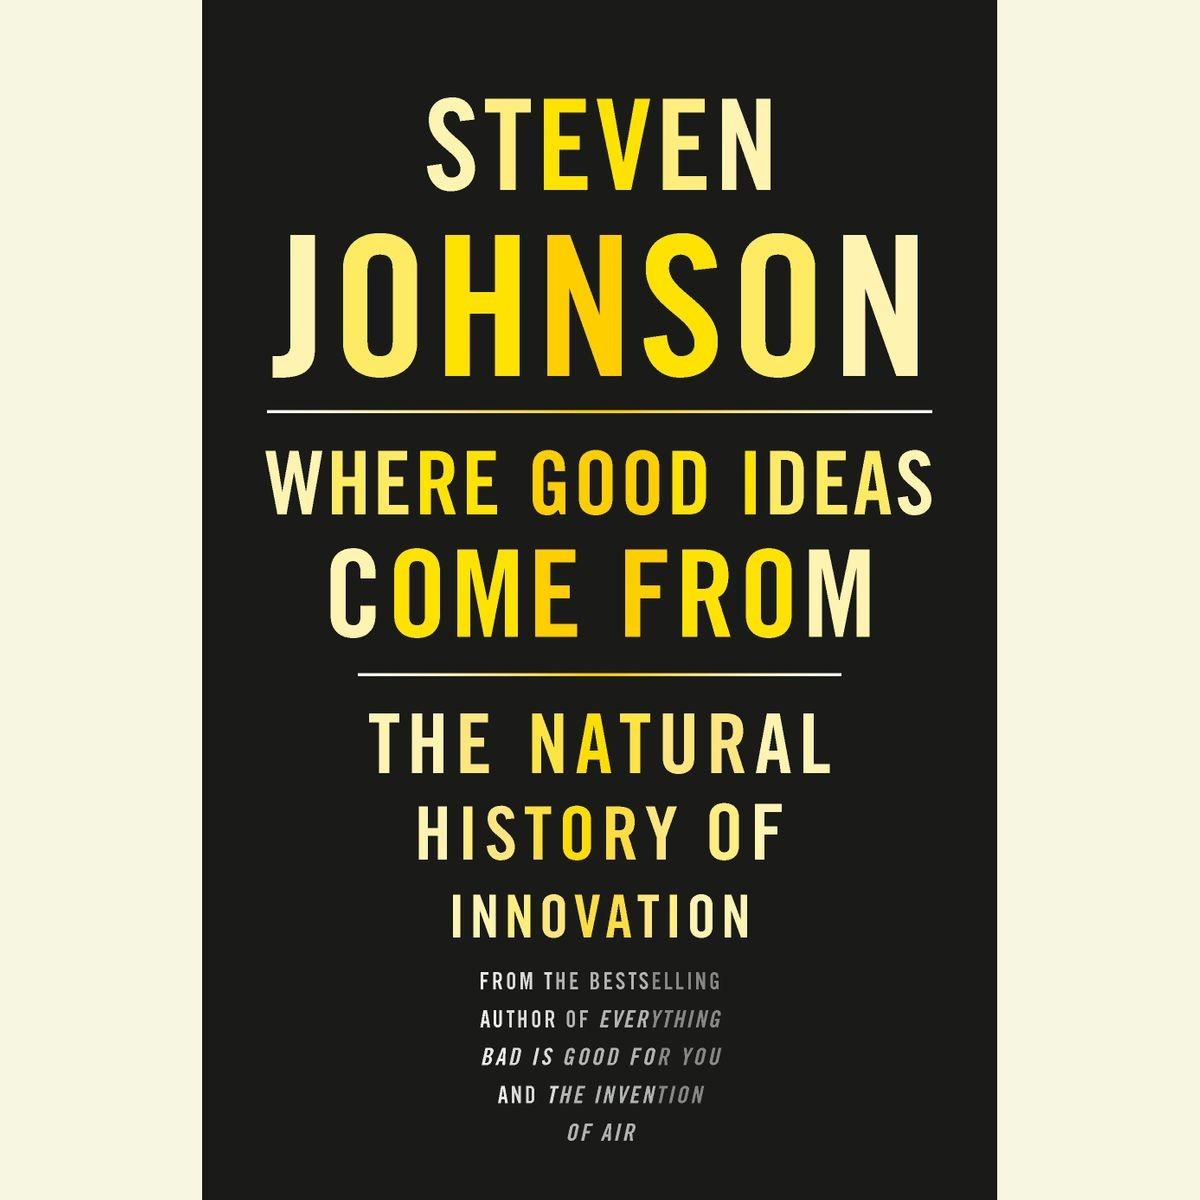 Откуда берутся хорошие идеи. Конспект книги Стивена Джонсона - 1